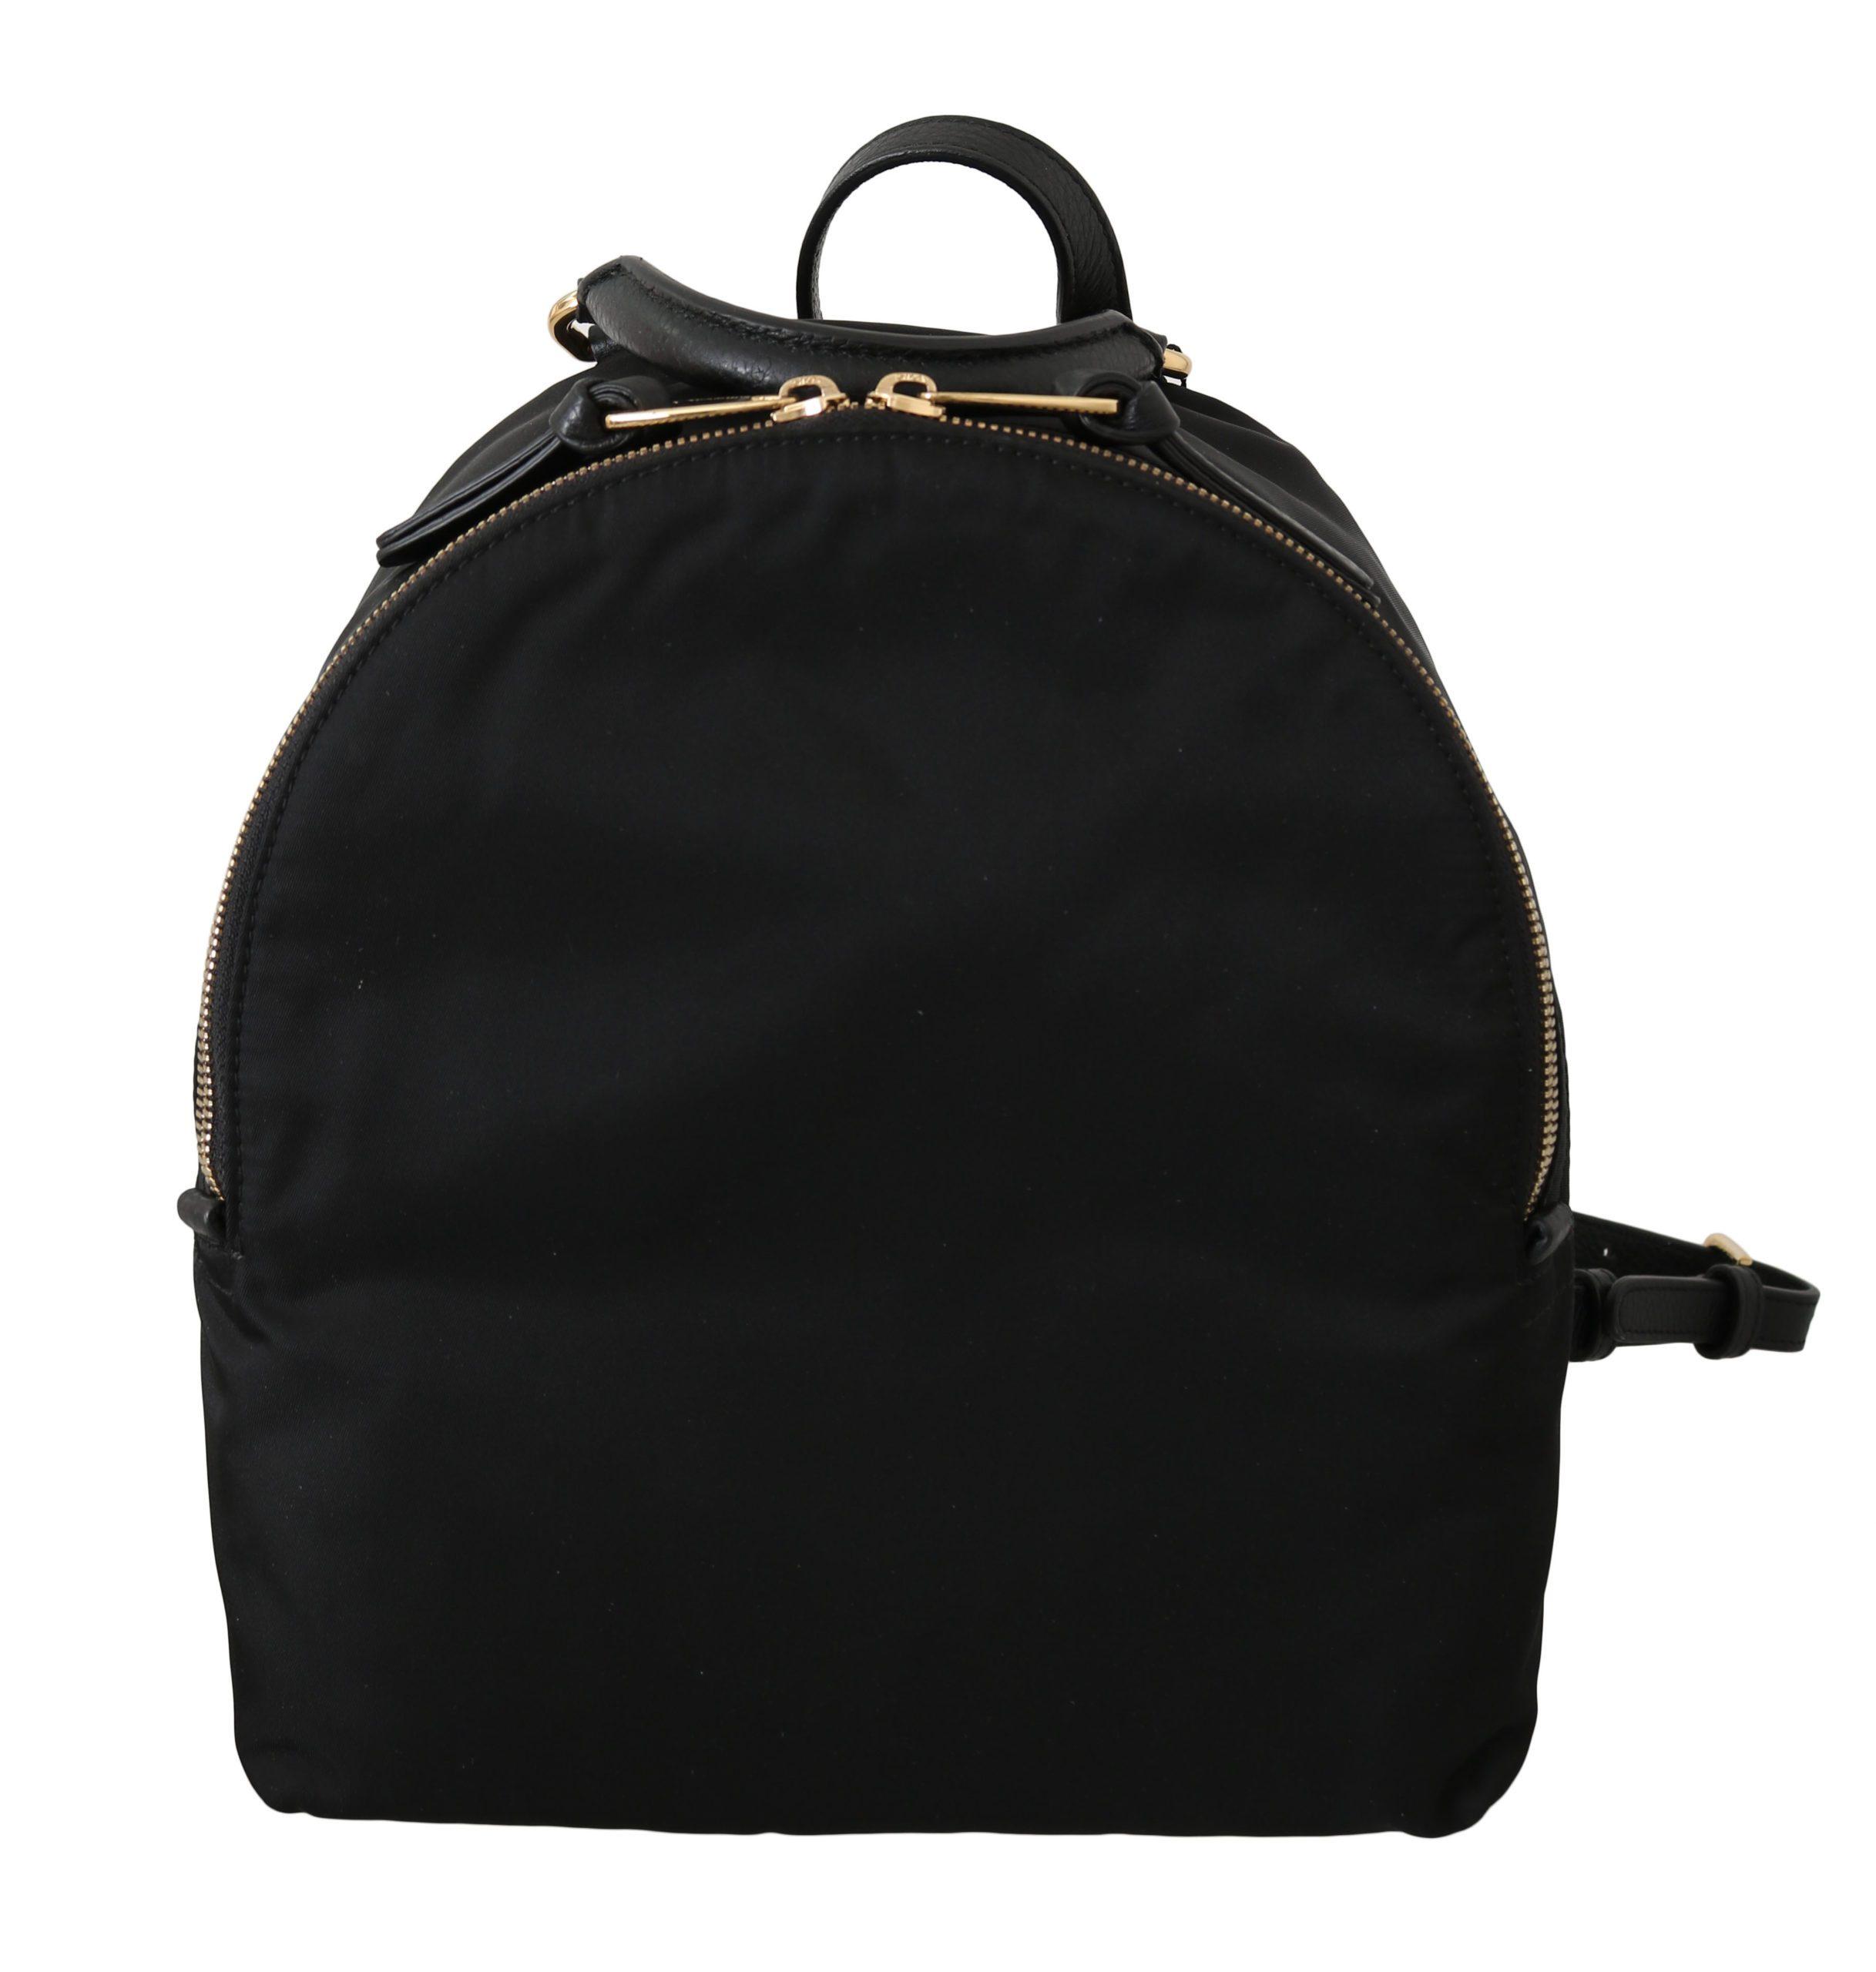 Black Women School Travel Nylon Backpack